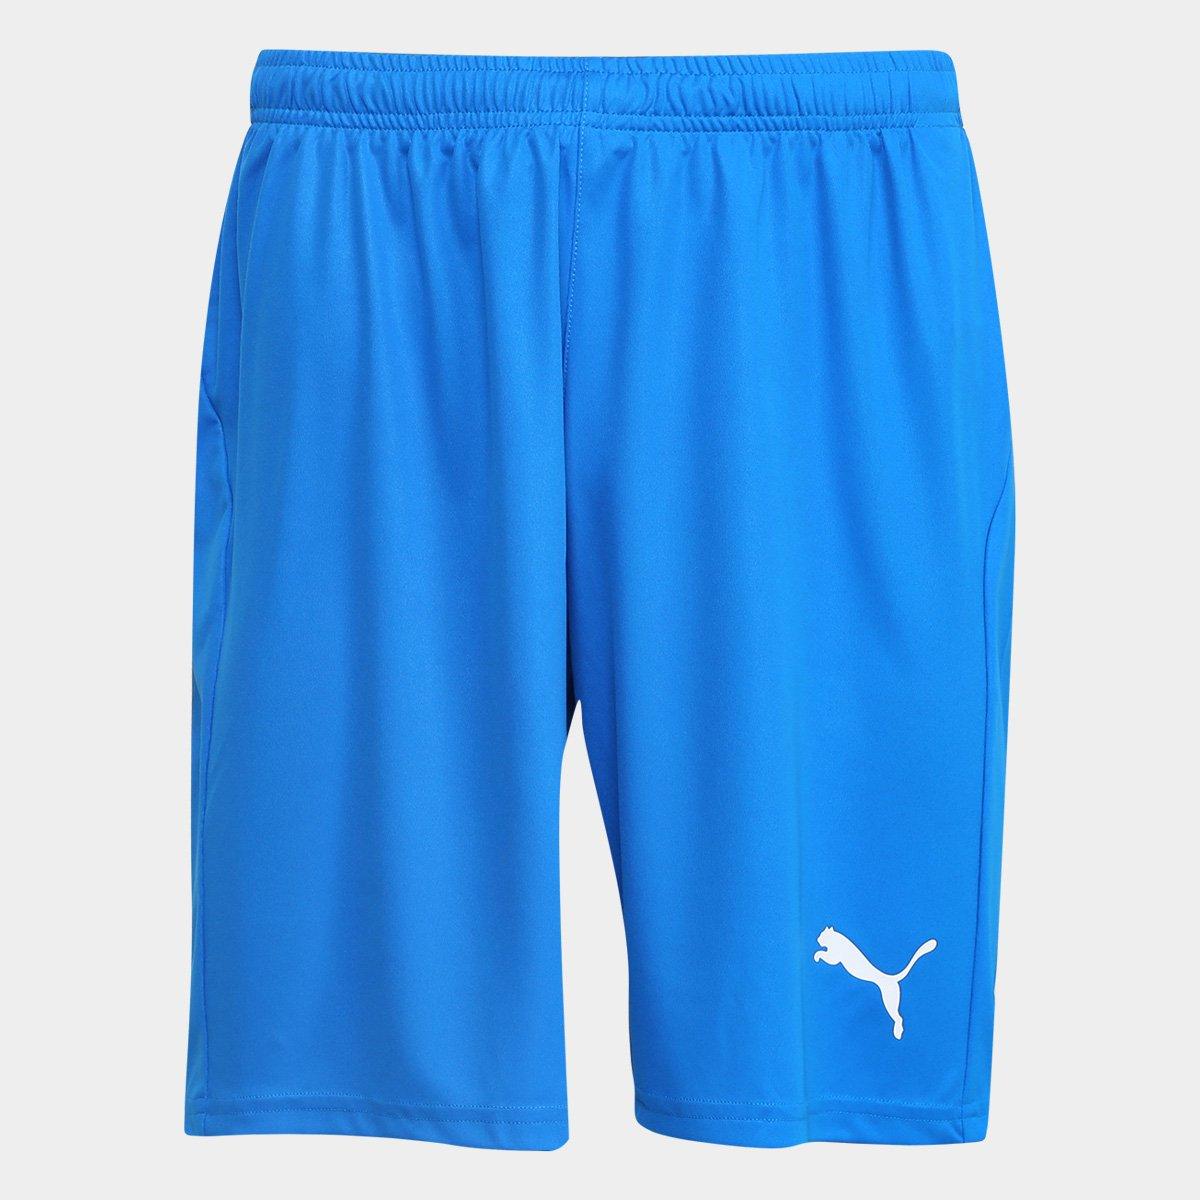 Calção Puma Liga Core Masculino Azul e Branco